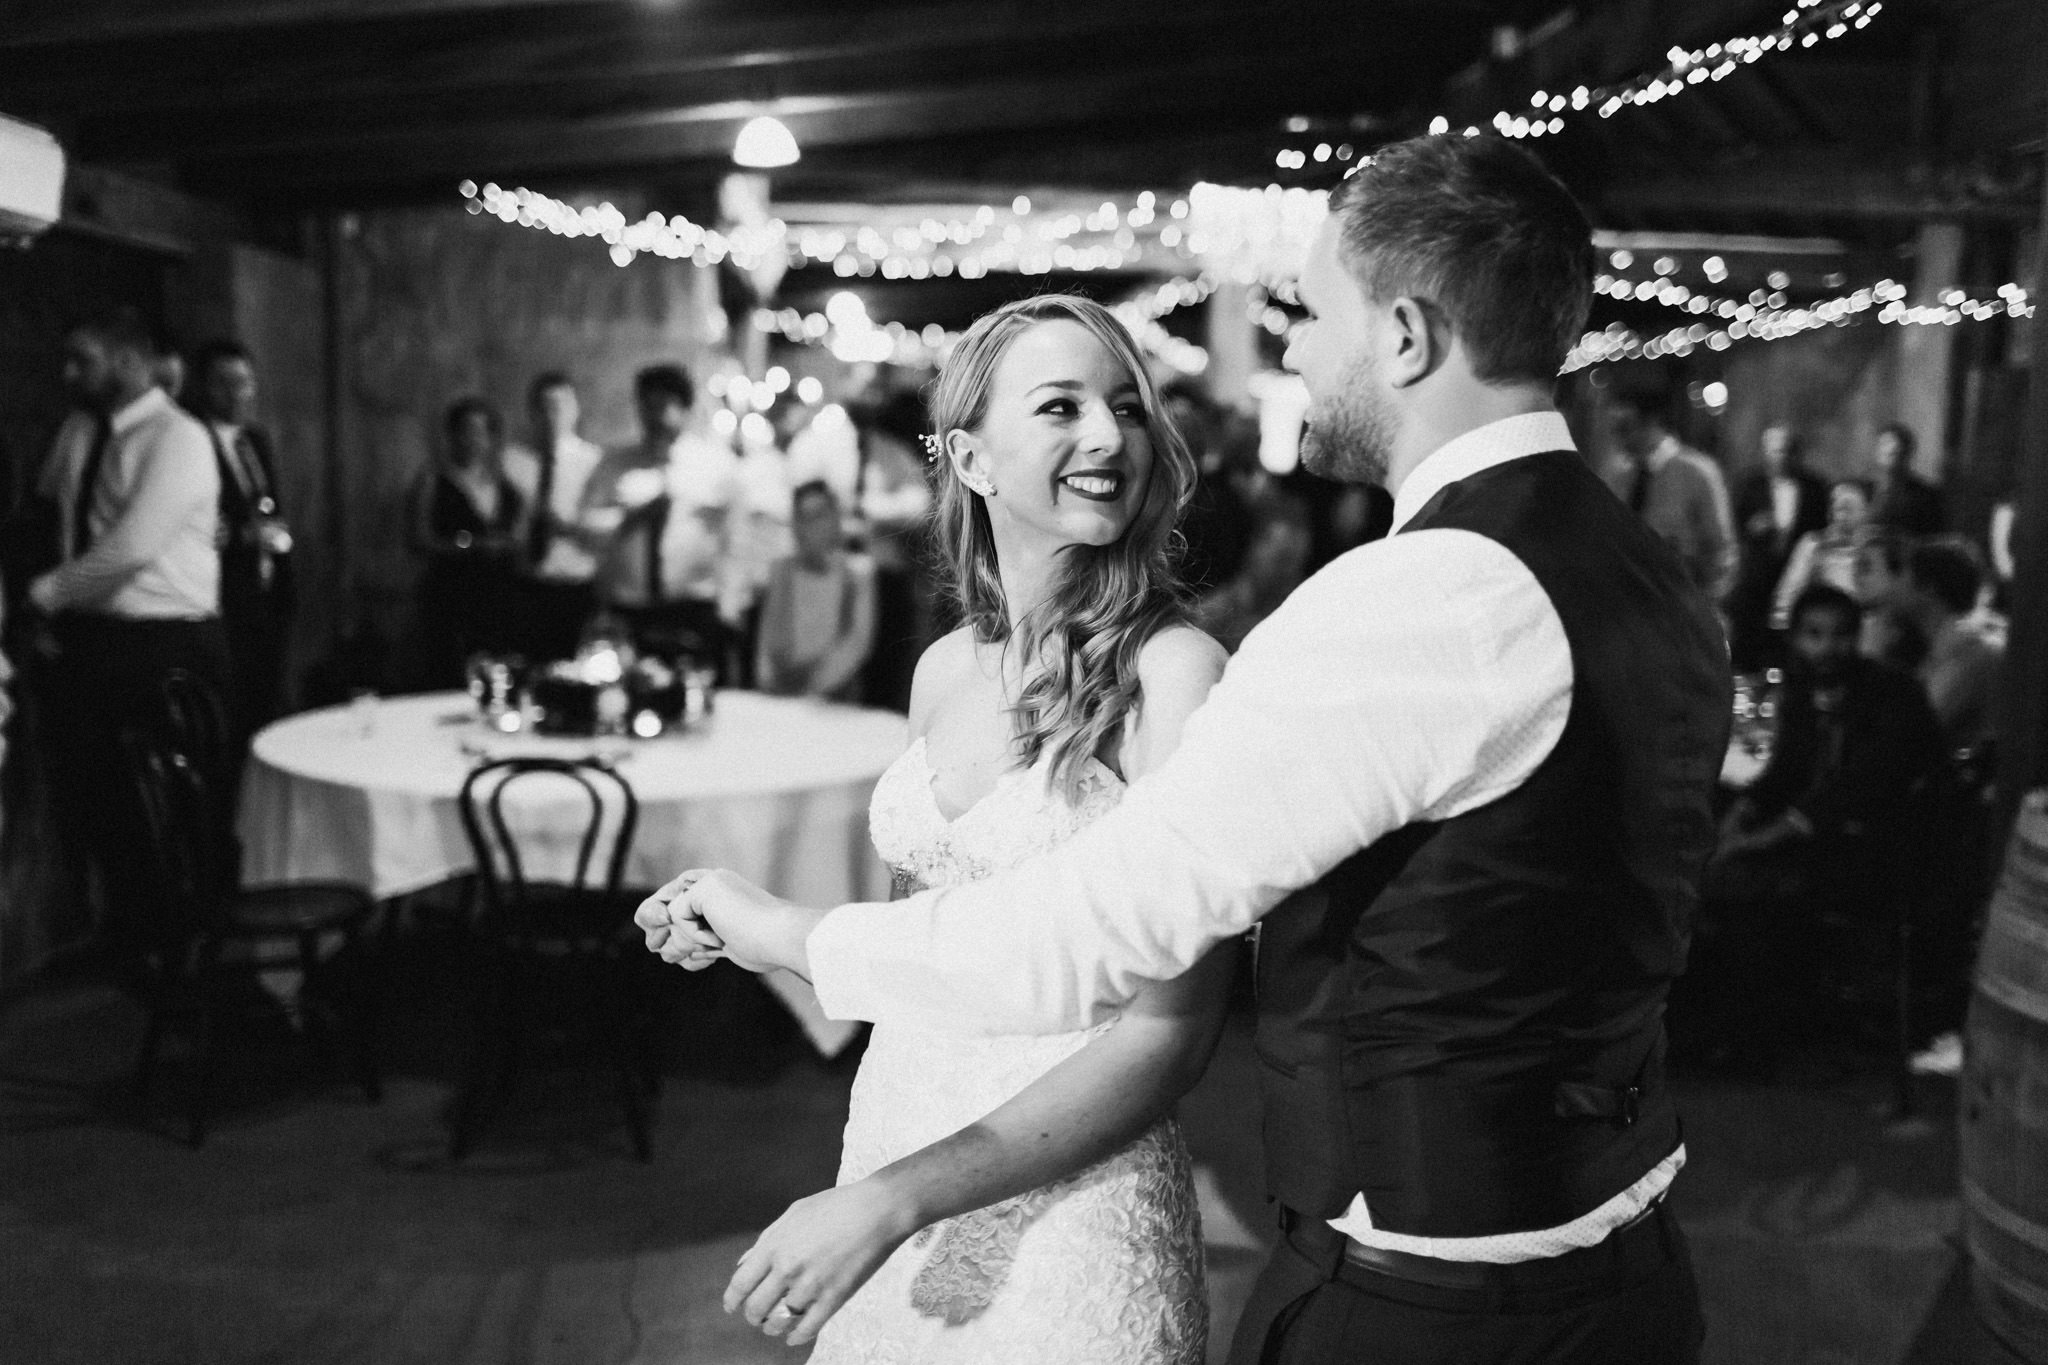 WeddingPhotos_Facebook_2048pixels-1151.jpg